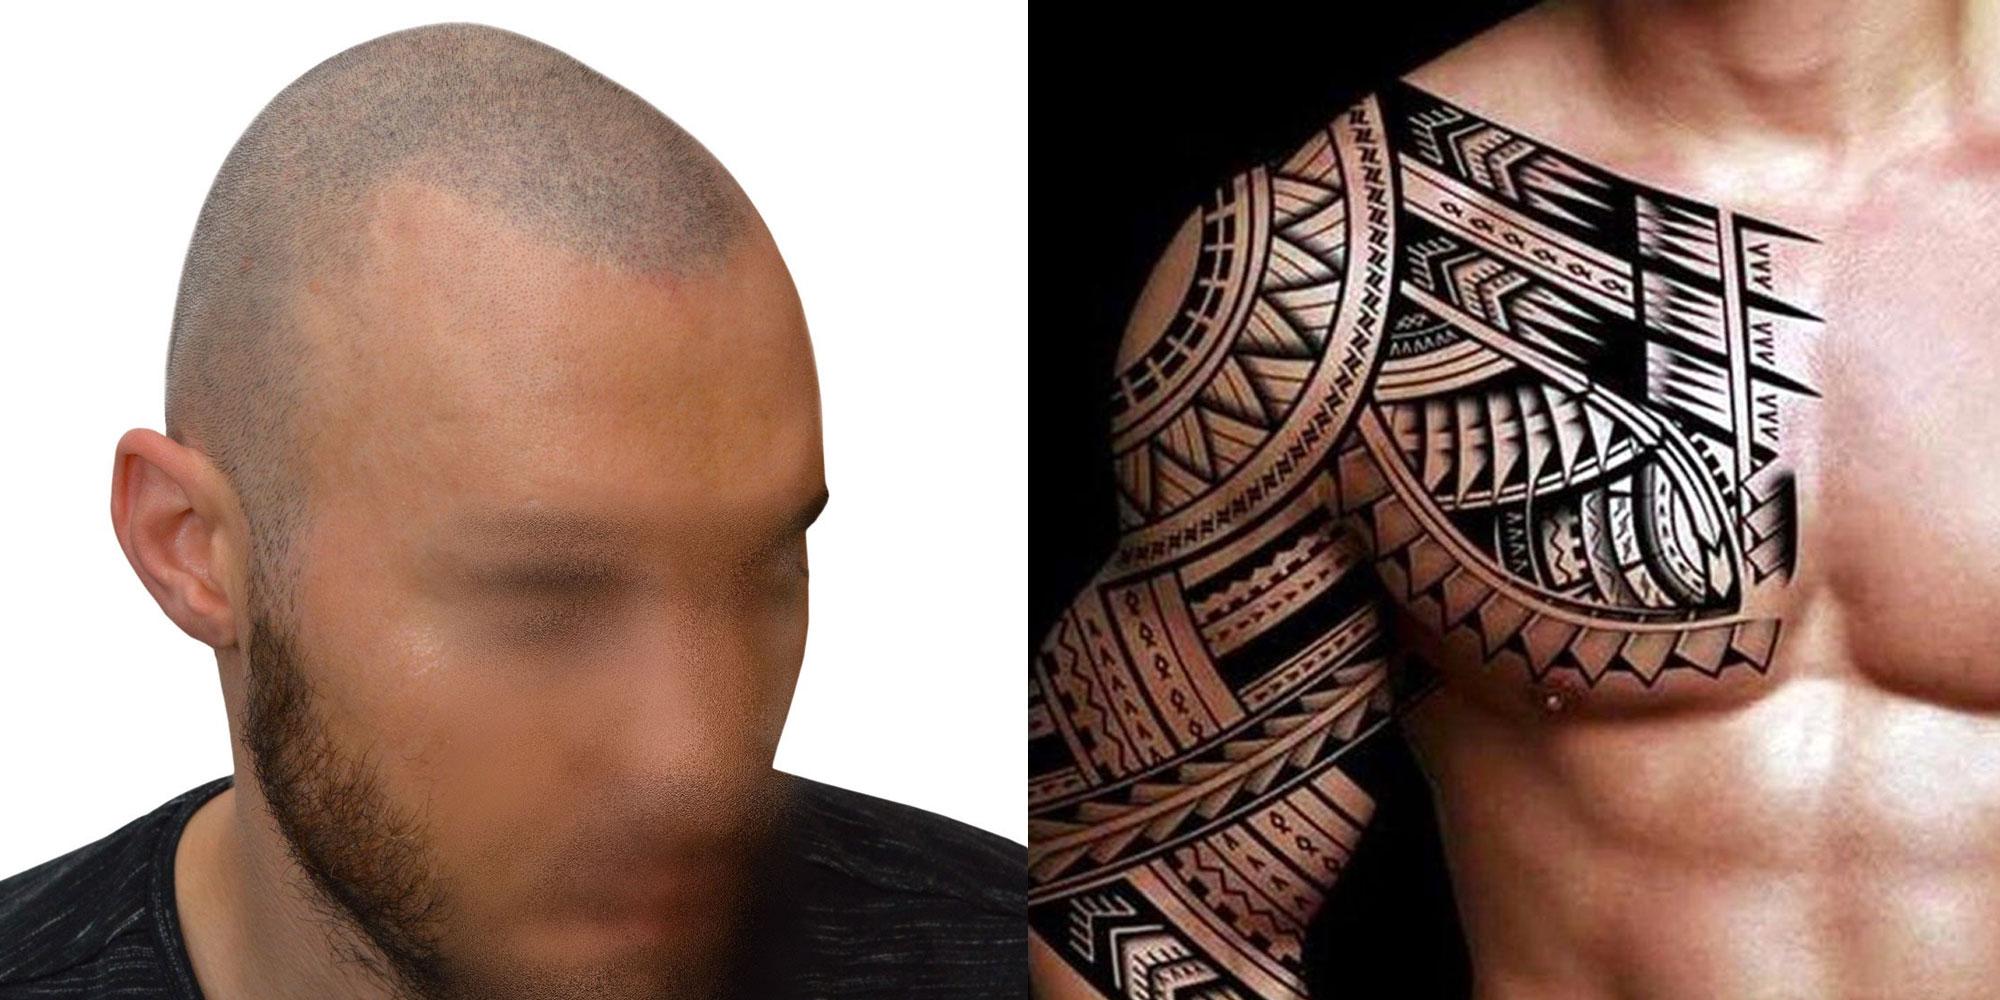 differenze-tra-tricopigmentazione-e-tatuaggio